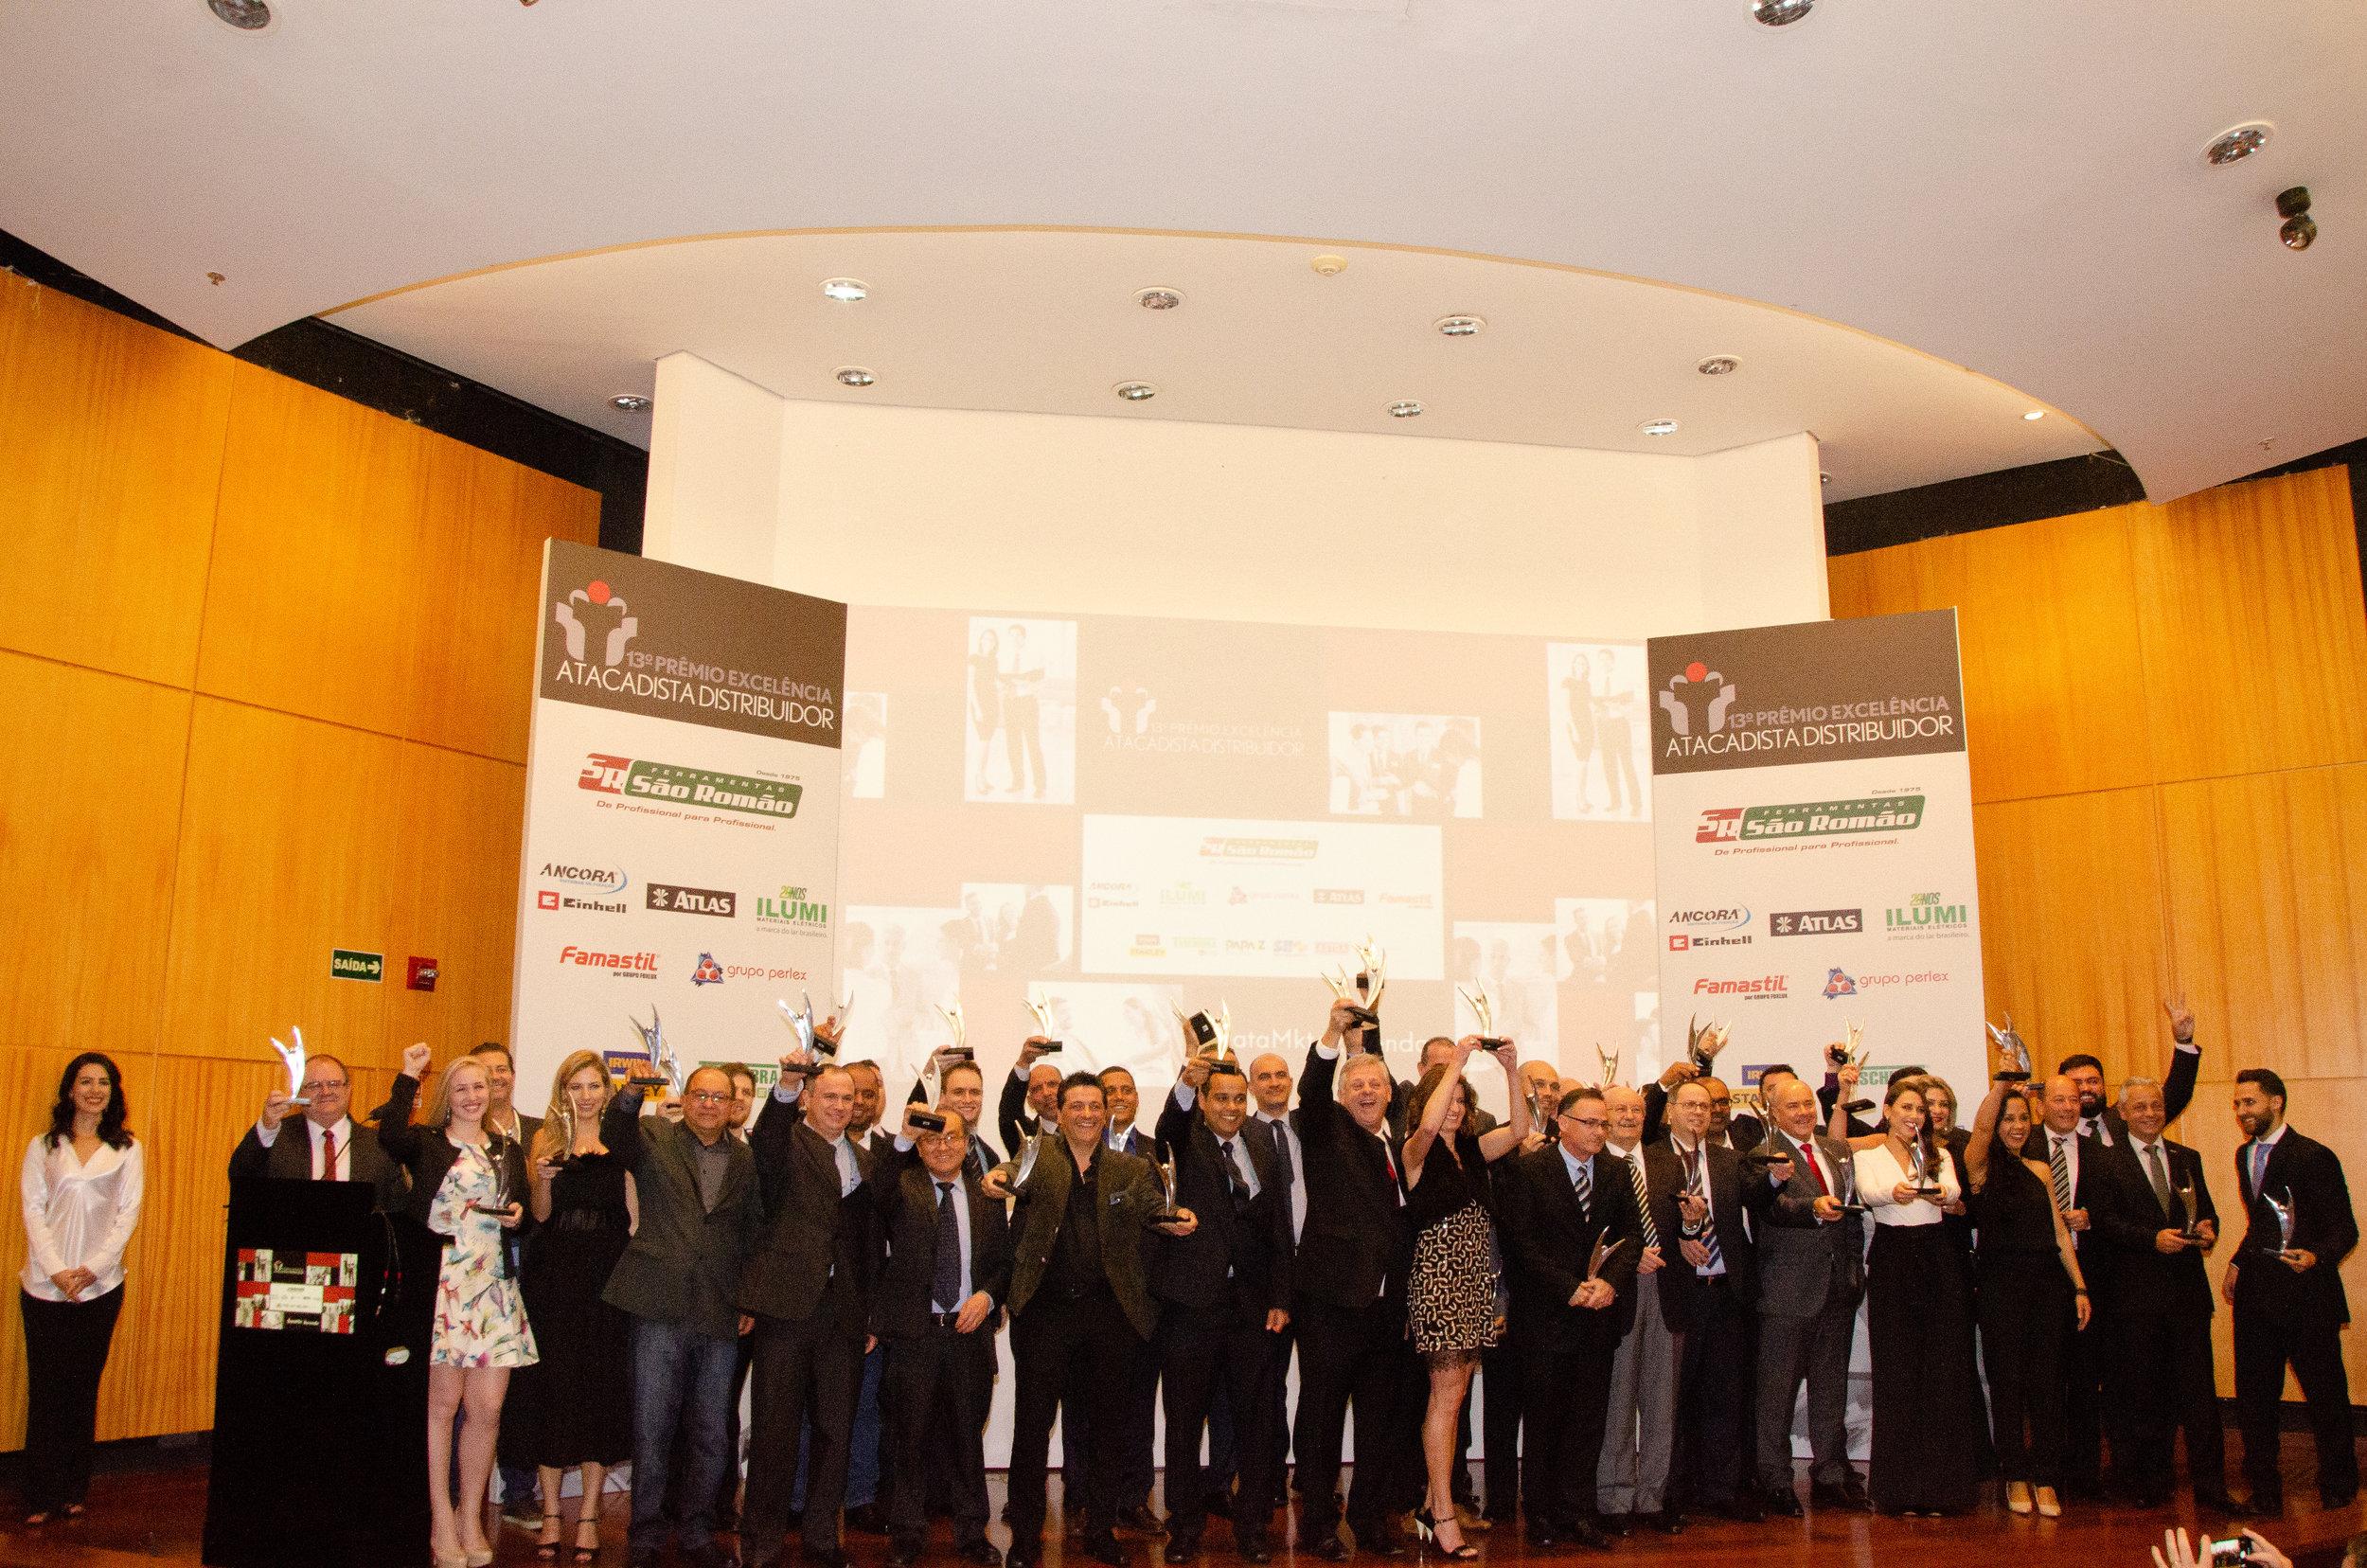 Representantes das empresas comemoram com o troféu